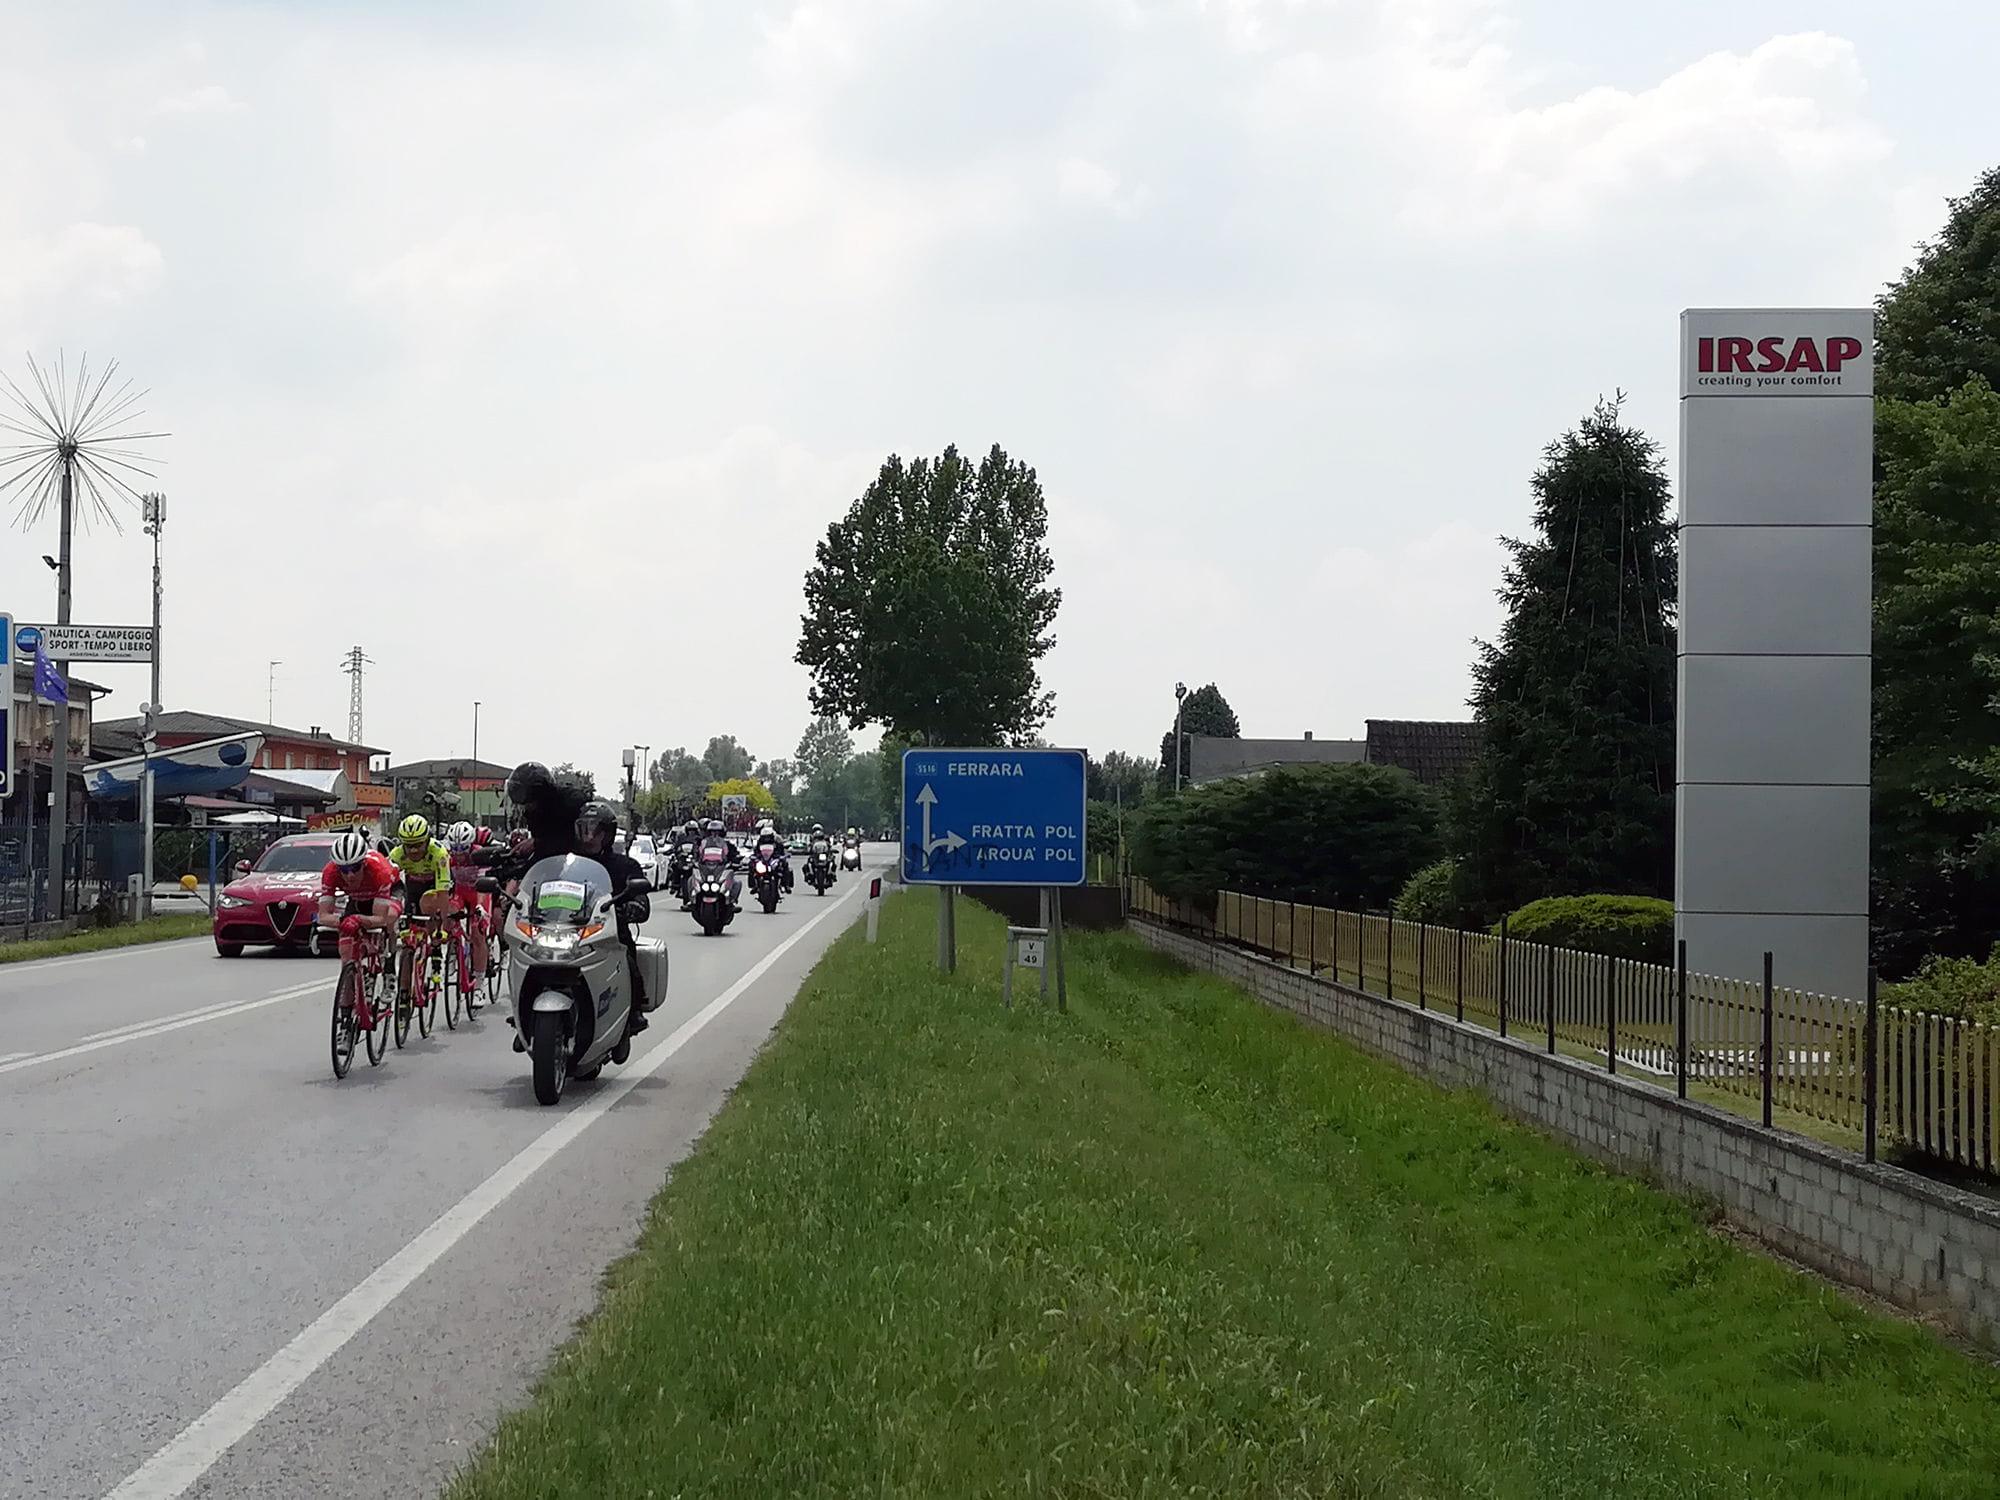 https://www.irsap.it/resources/images/news/2018/2018_05_18_Giro_Italia/2018_05_18_Giro_Italia_01.jpg